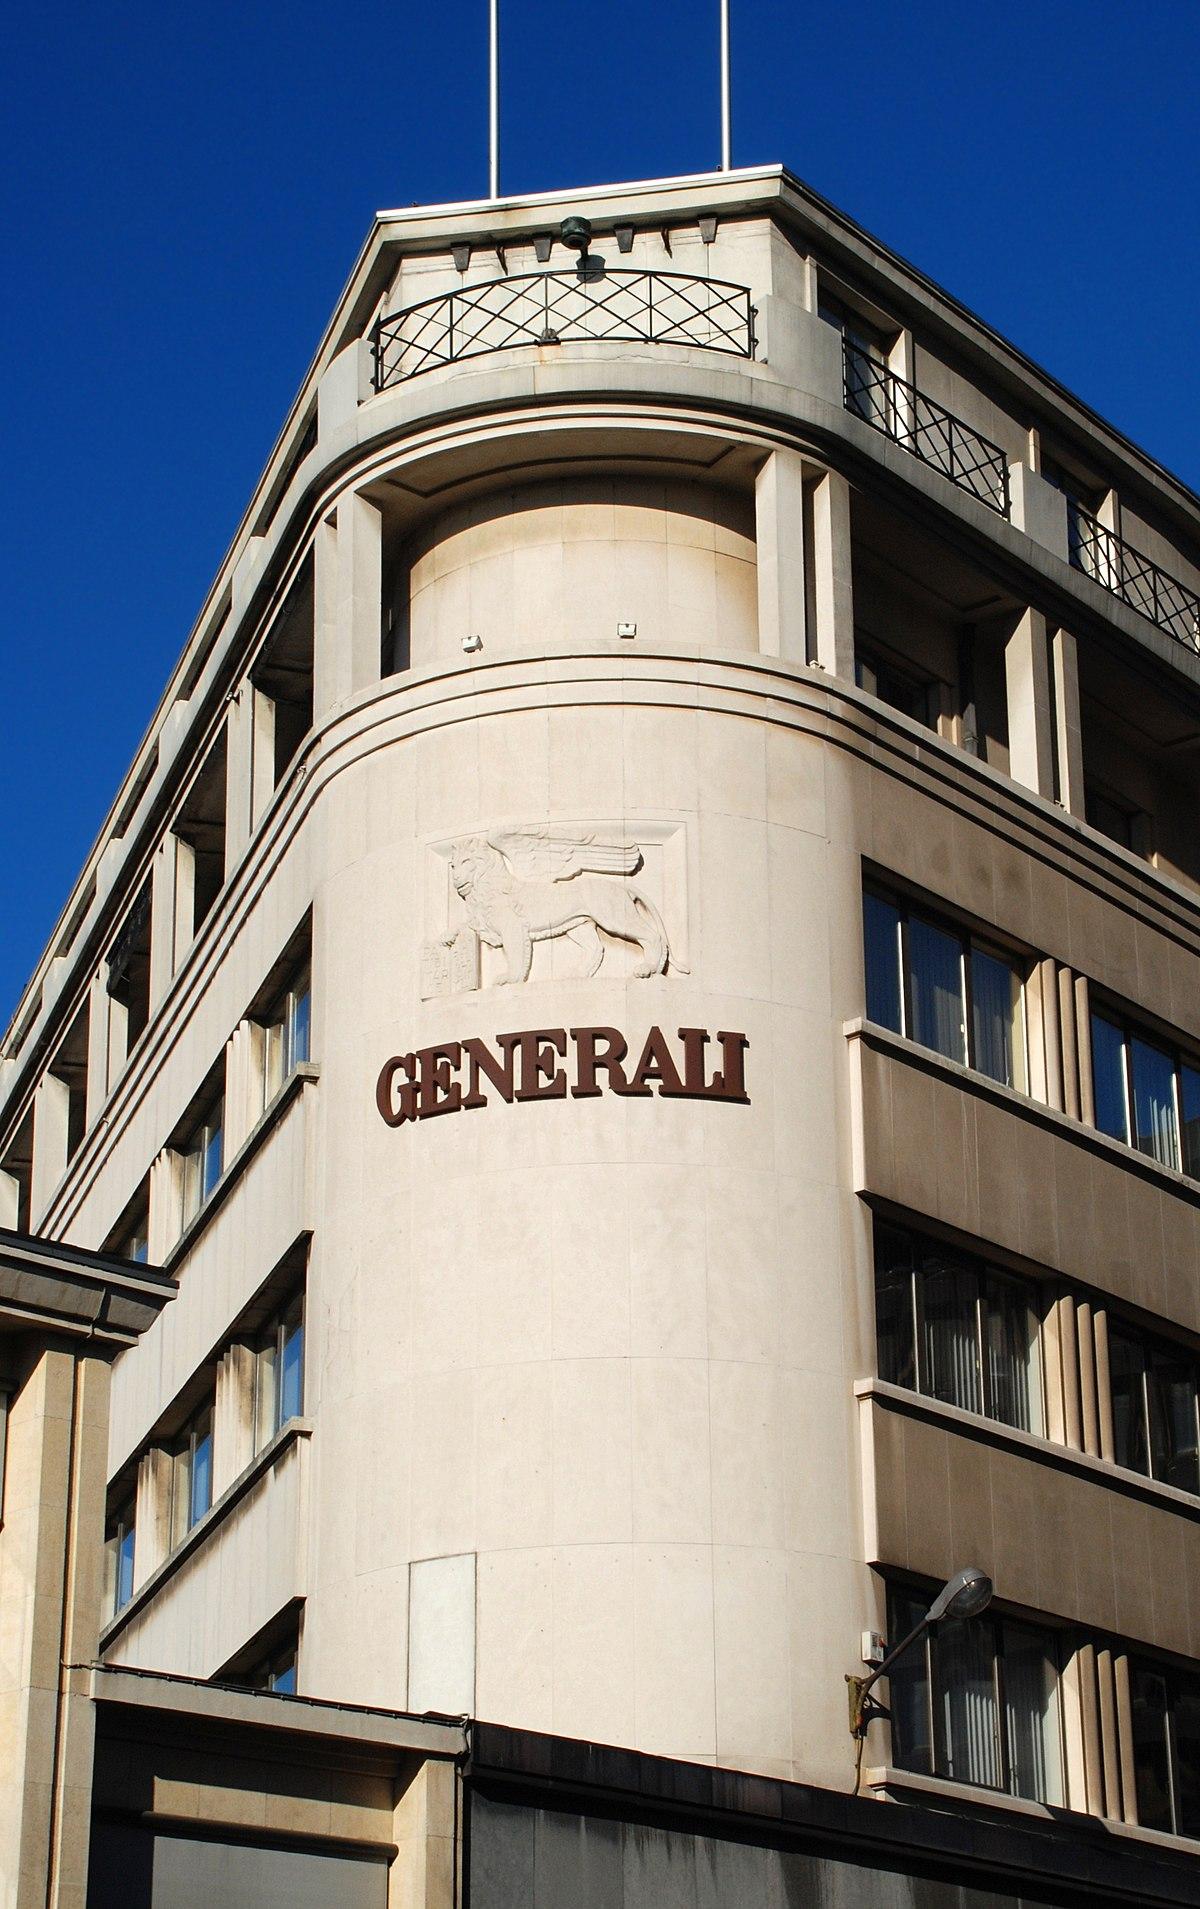 Architecture monumentale en Belgique Wikipdia